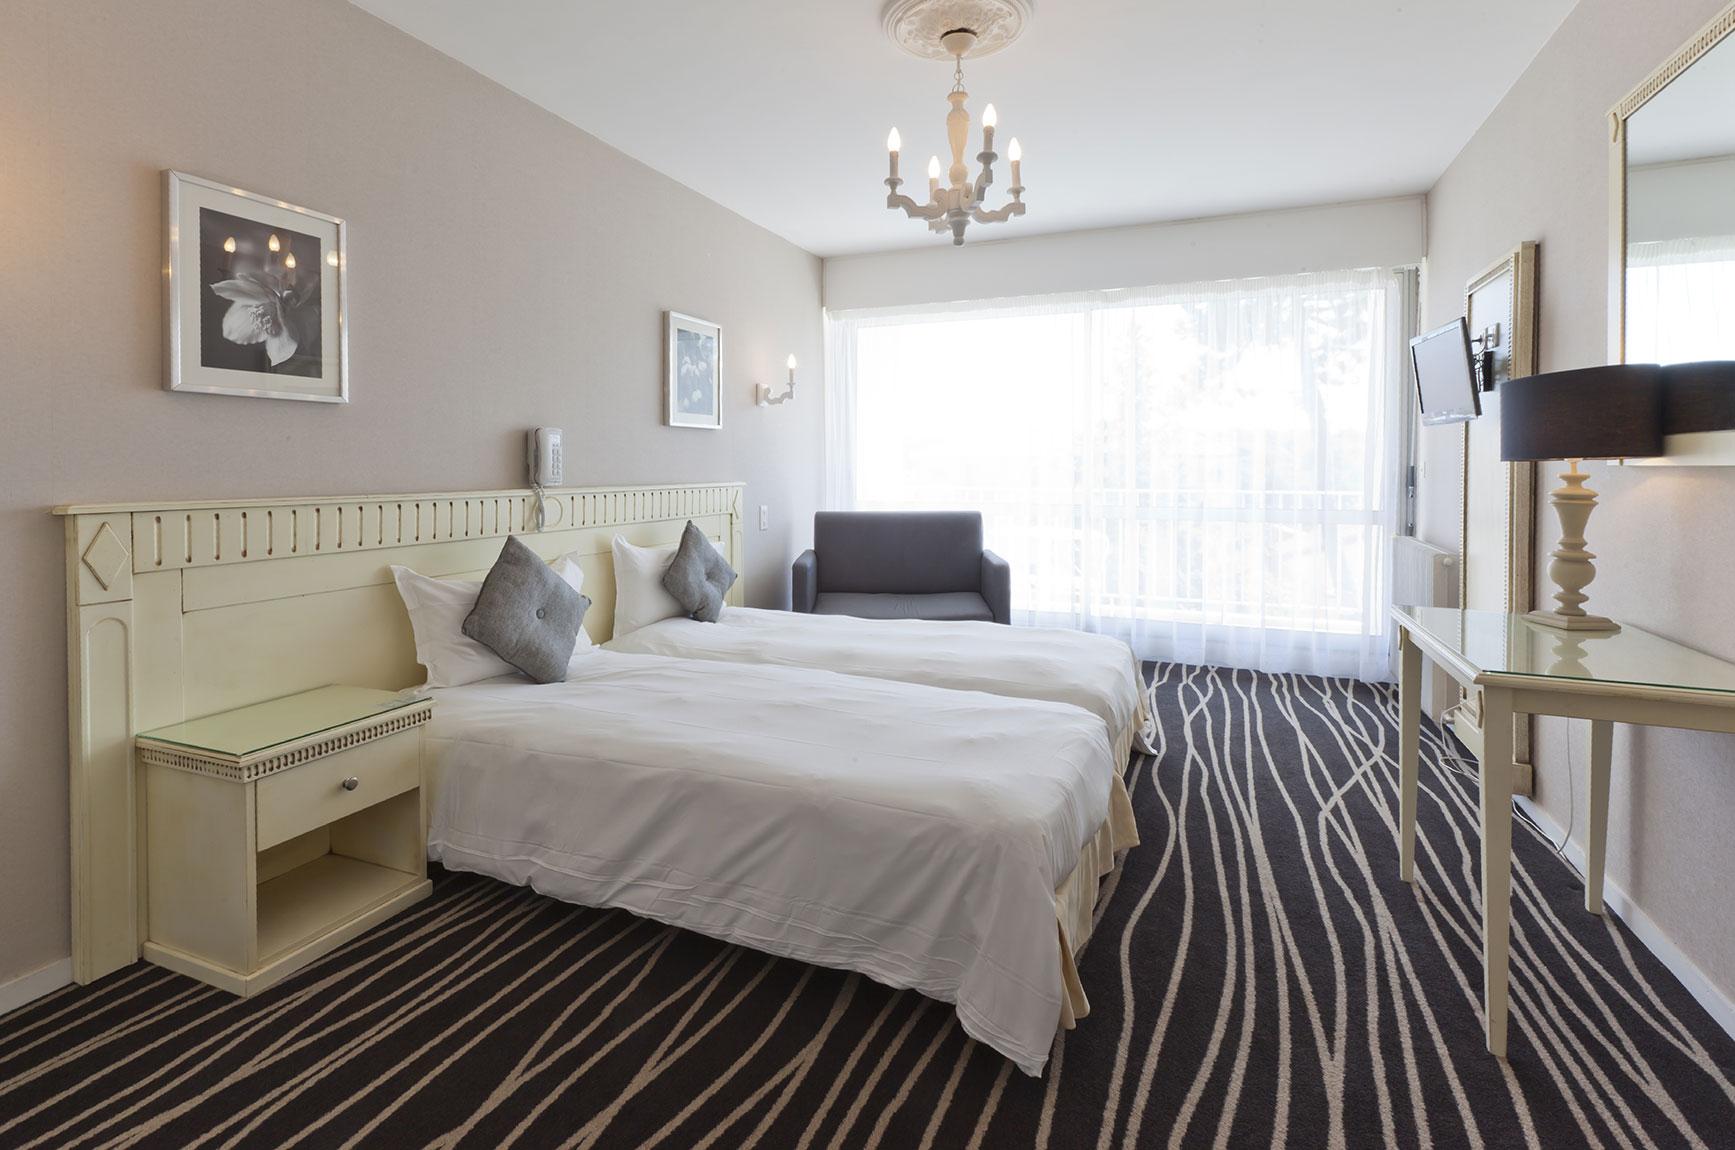 Camera da letto con 2 letti singoli h tel du parc - Camera da letto con tv ...